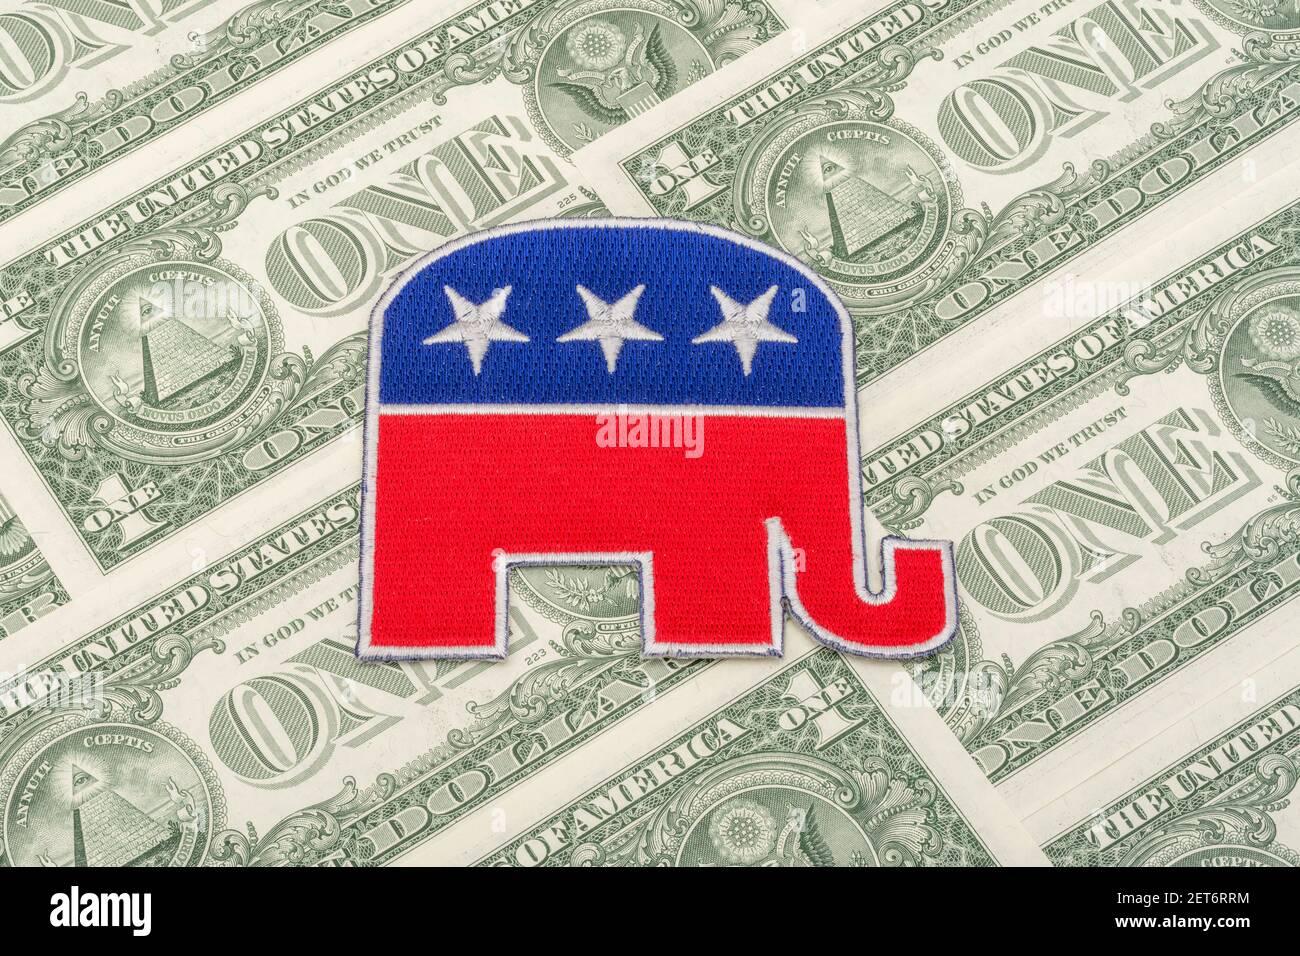 GOP Republican Elephant Logo Patch Abzeichen mit US $1 Dollar Banknoten. Für US-politisches Fundraising & republikanische Wahlkampffonds, kleine Dollar-Spender. Stockfoto